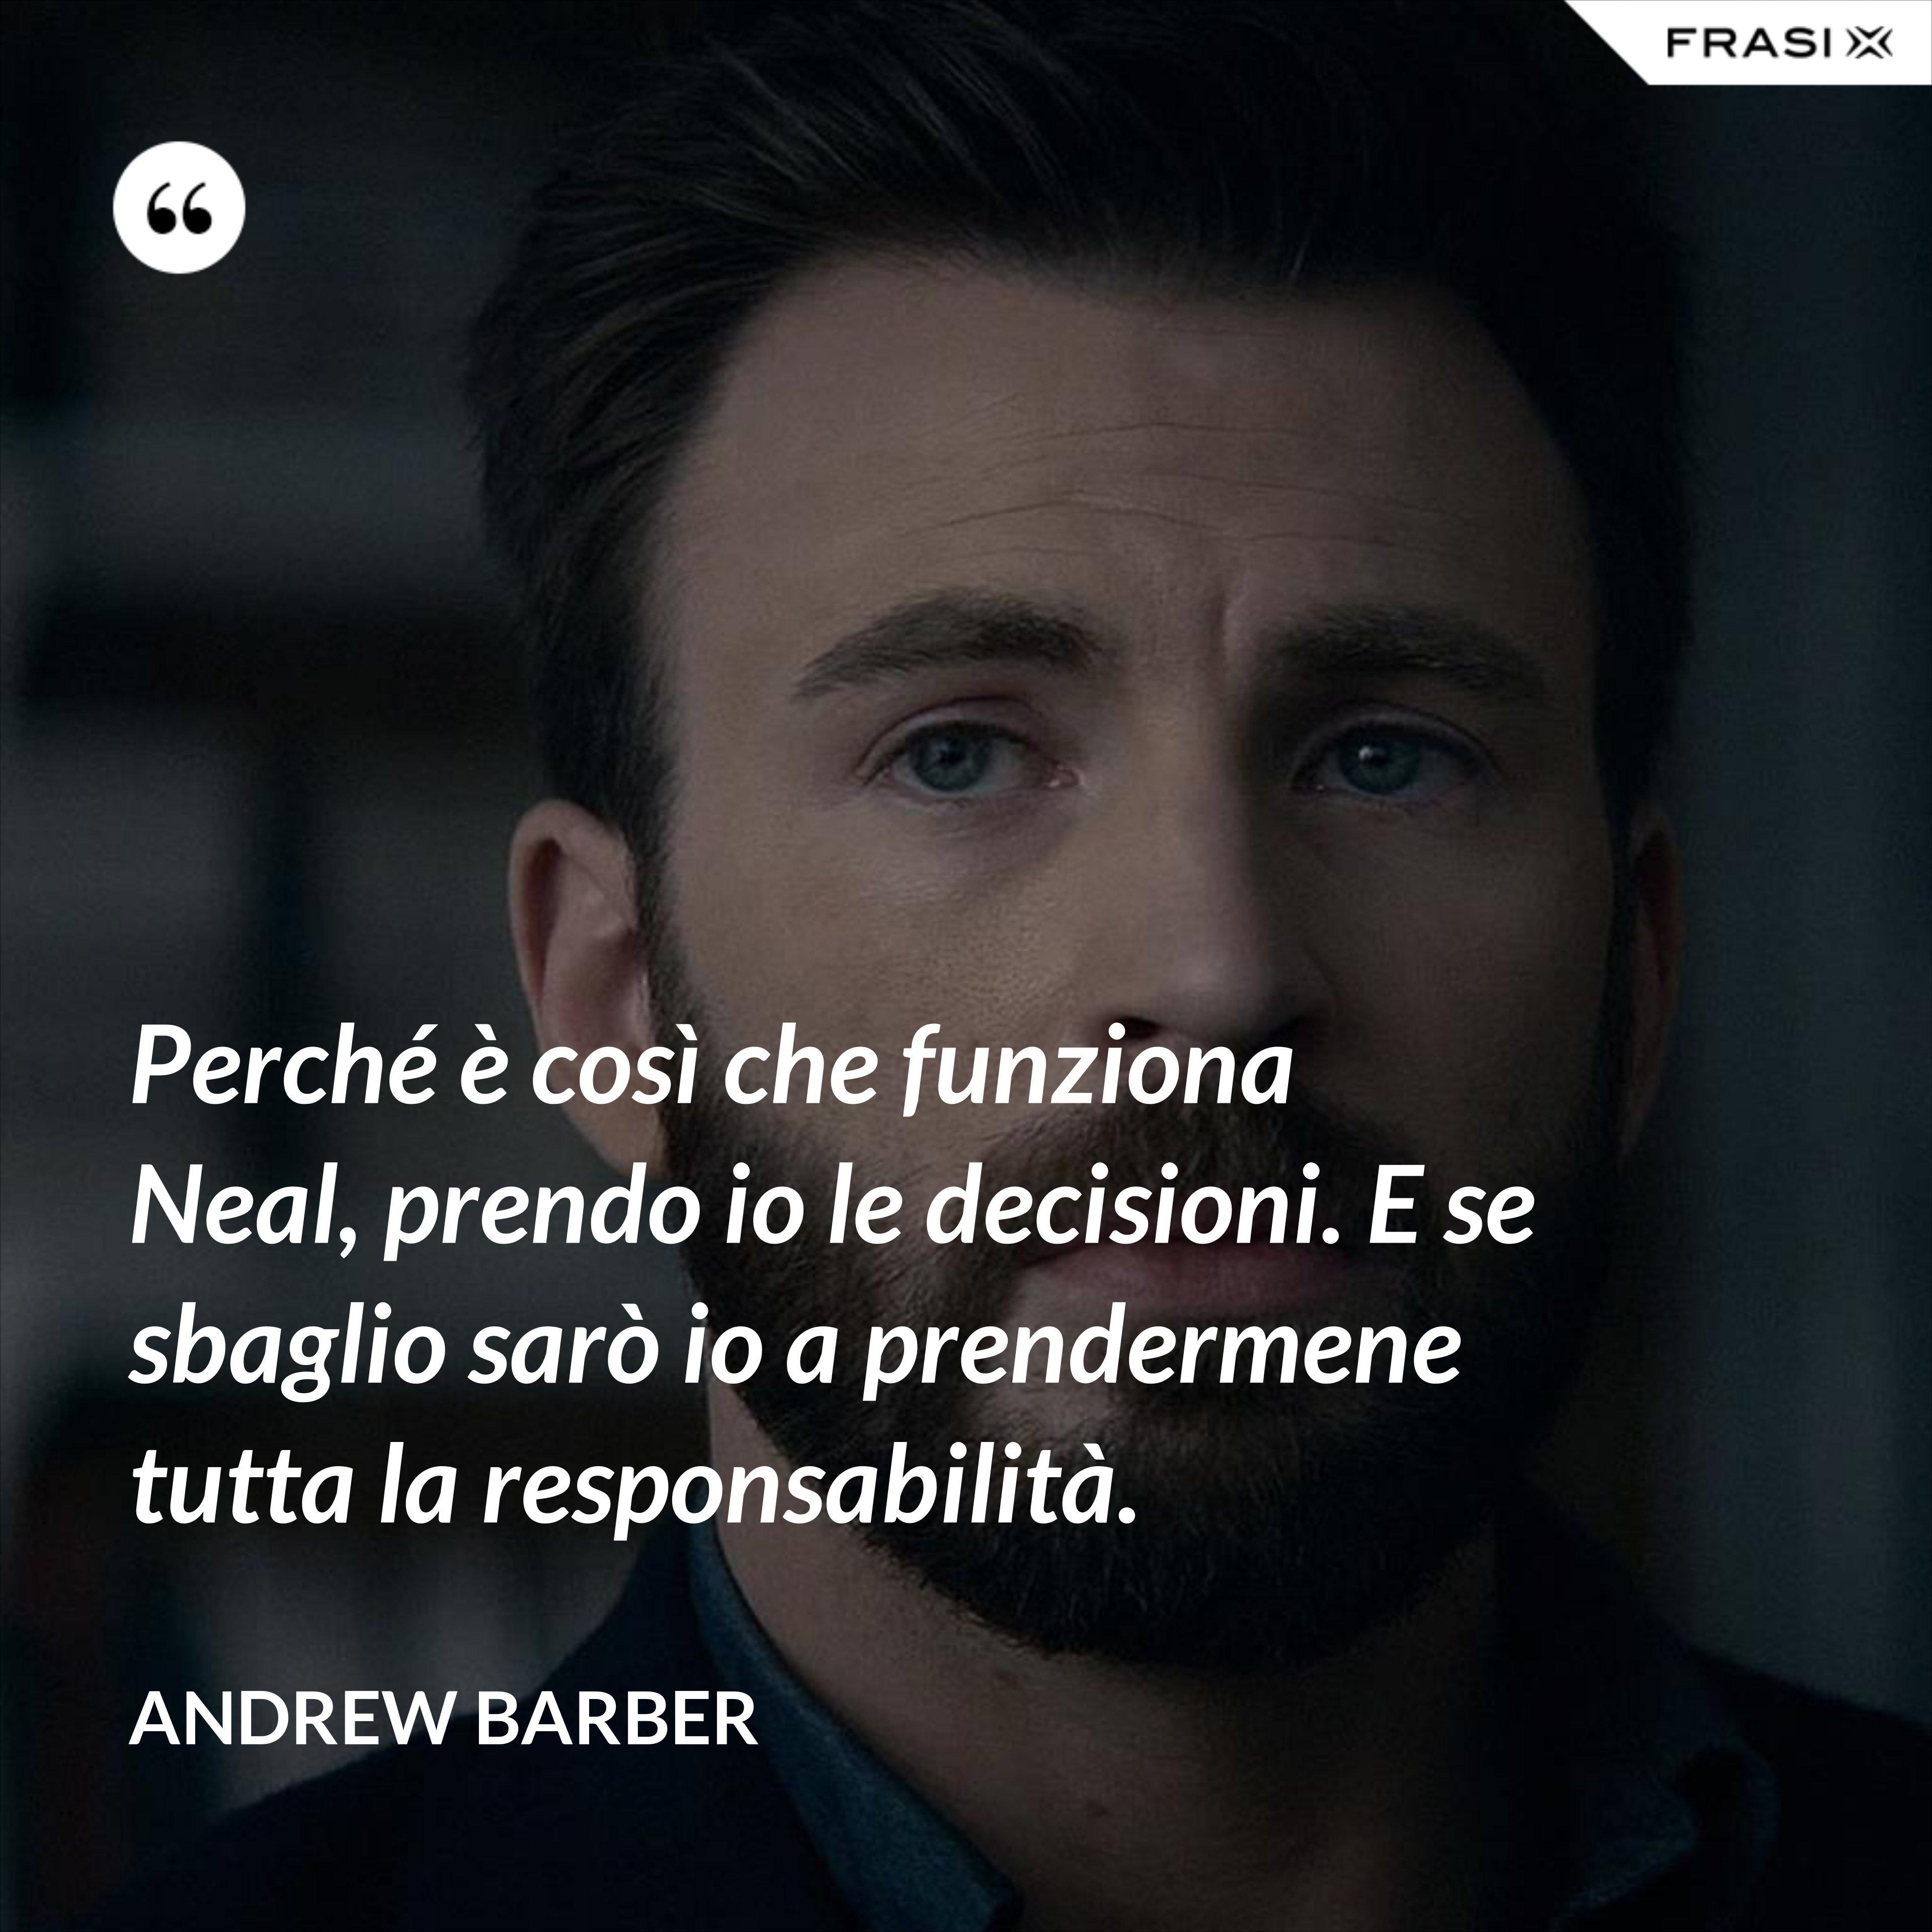 Perché è così che funziona Neal, prendo io le decisioni. E se sbaglio sarò io a prendermene tutta la responsabilità. - Andrew Barber